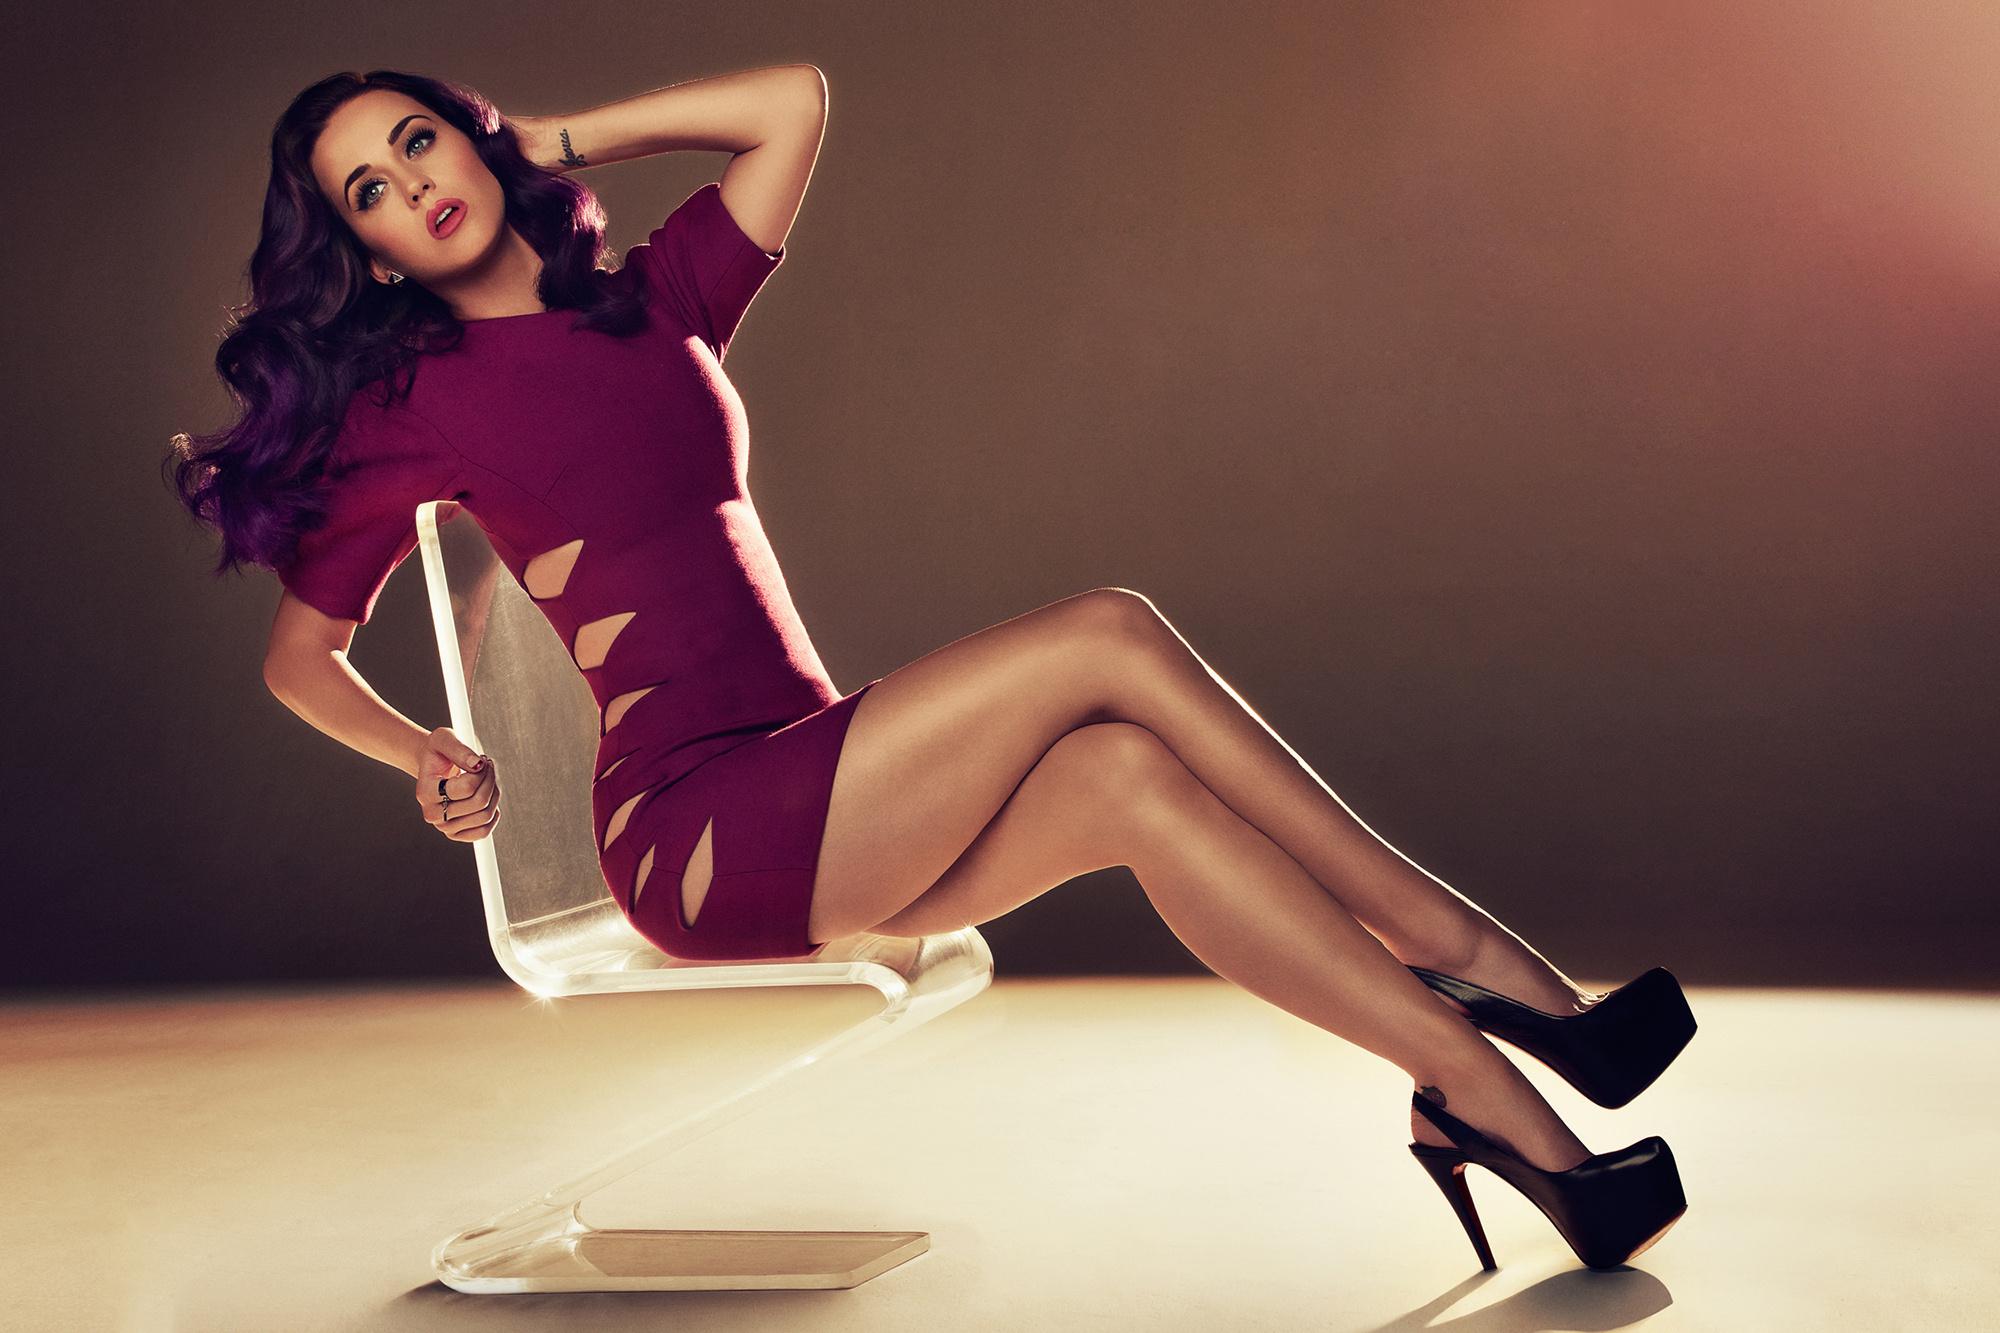 Женщины с широко раскрытыми ножками